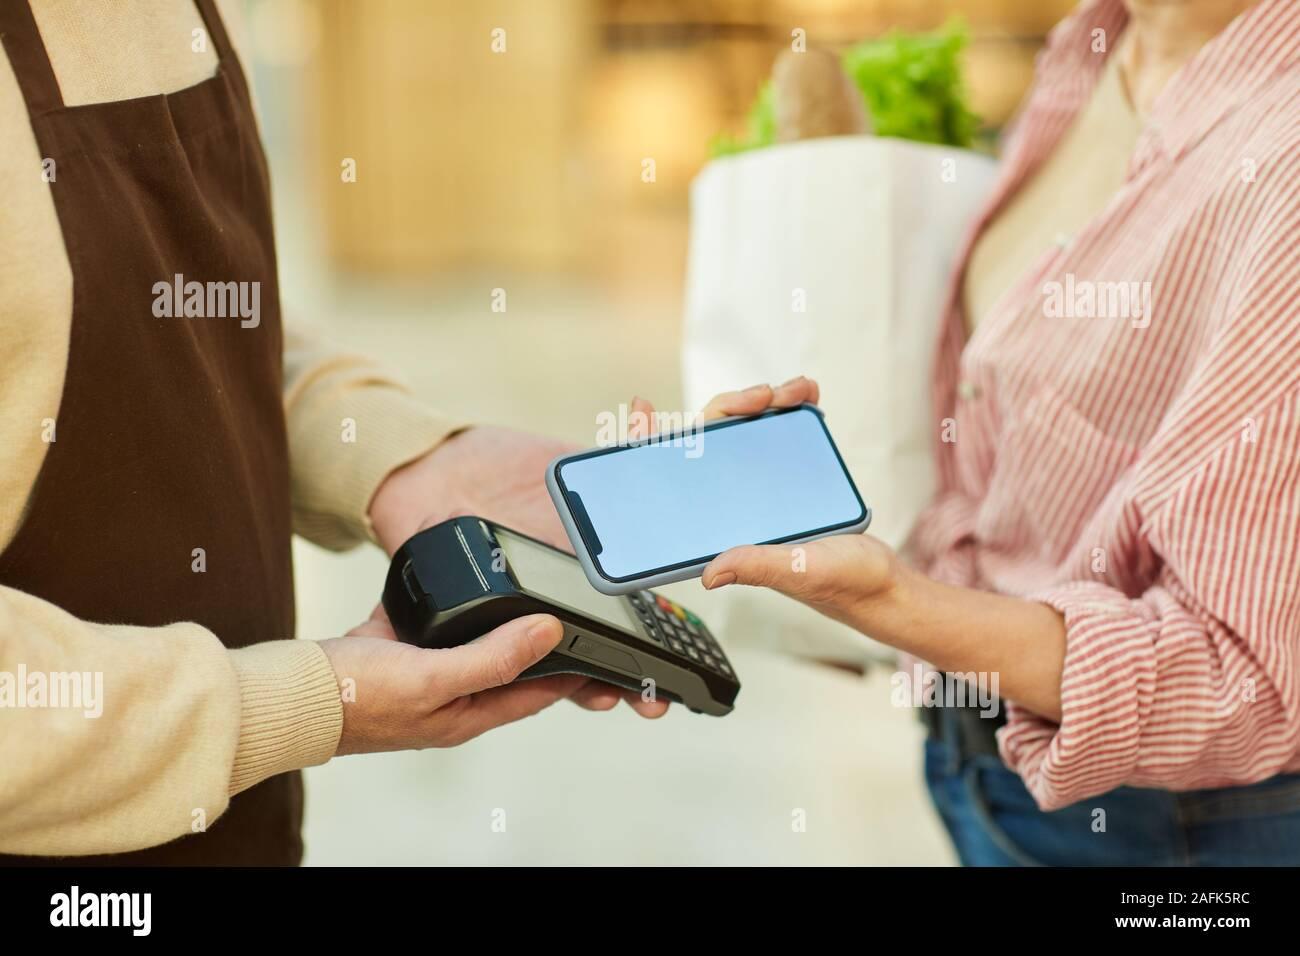 Nahaufnahme des unkenntlich moderne Frau Zahlung über NFC beim Einkaufen bei Farmers Market, Kopie Raum Stockfoto